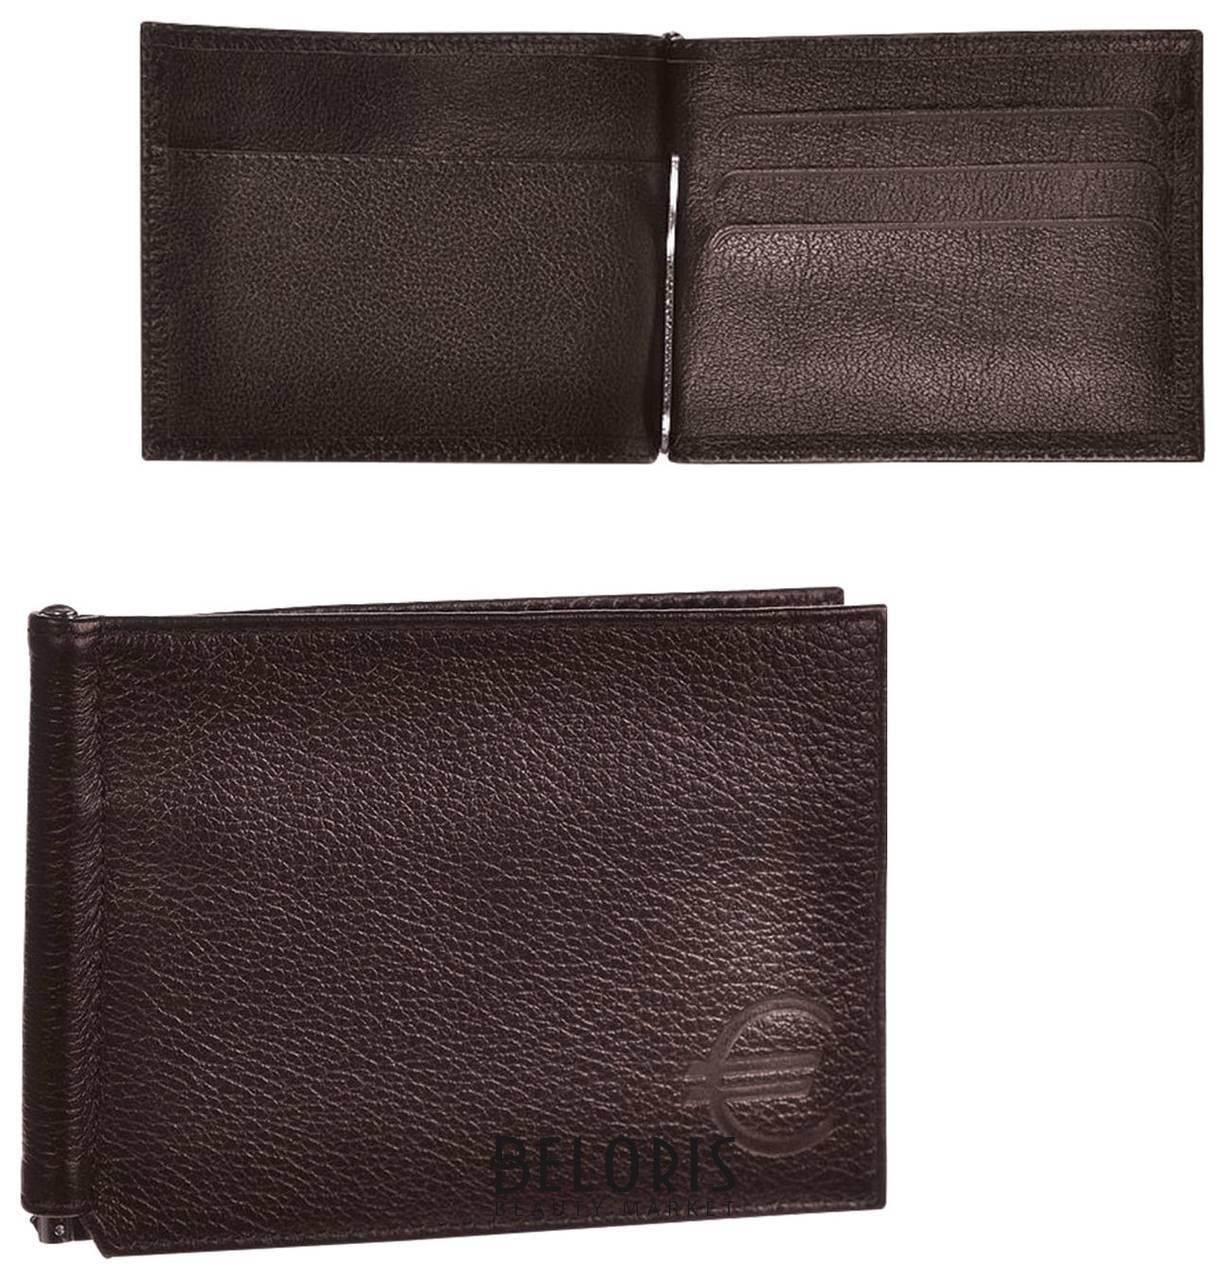 Зажим для купюр Befler Грейд, натуральная кожа, тиснение, 120х86 мм, коричневый Befler